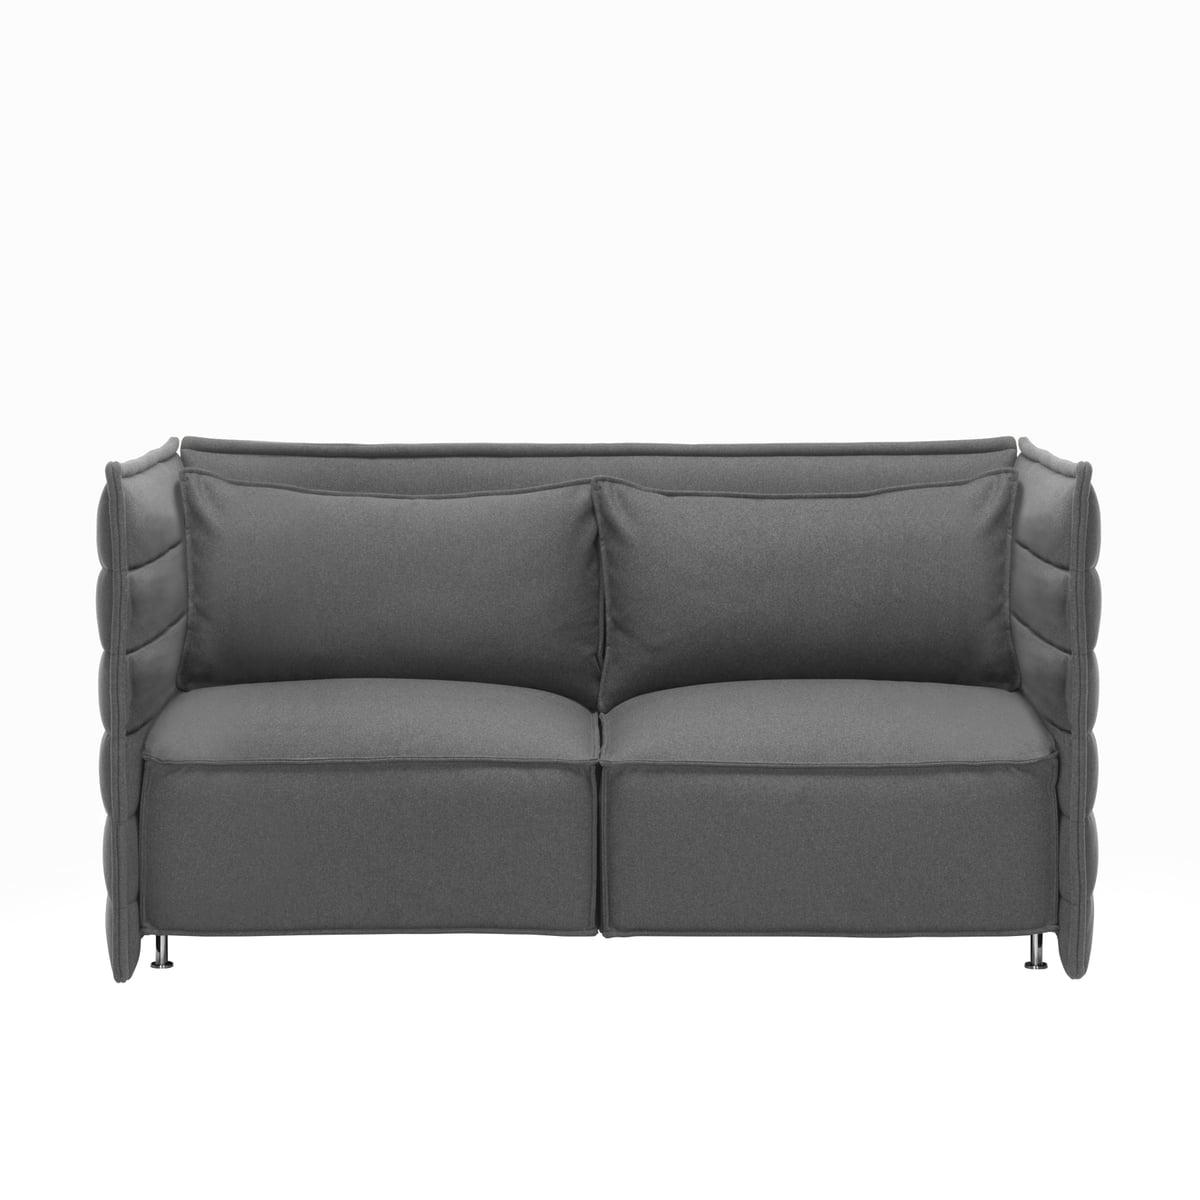 2 3 Sitzer Sofas Online Kaufen Möbel Suchmaschine Ladendirektde